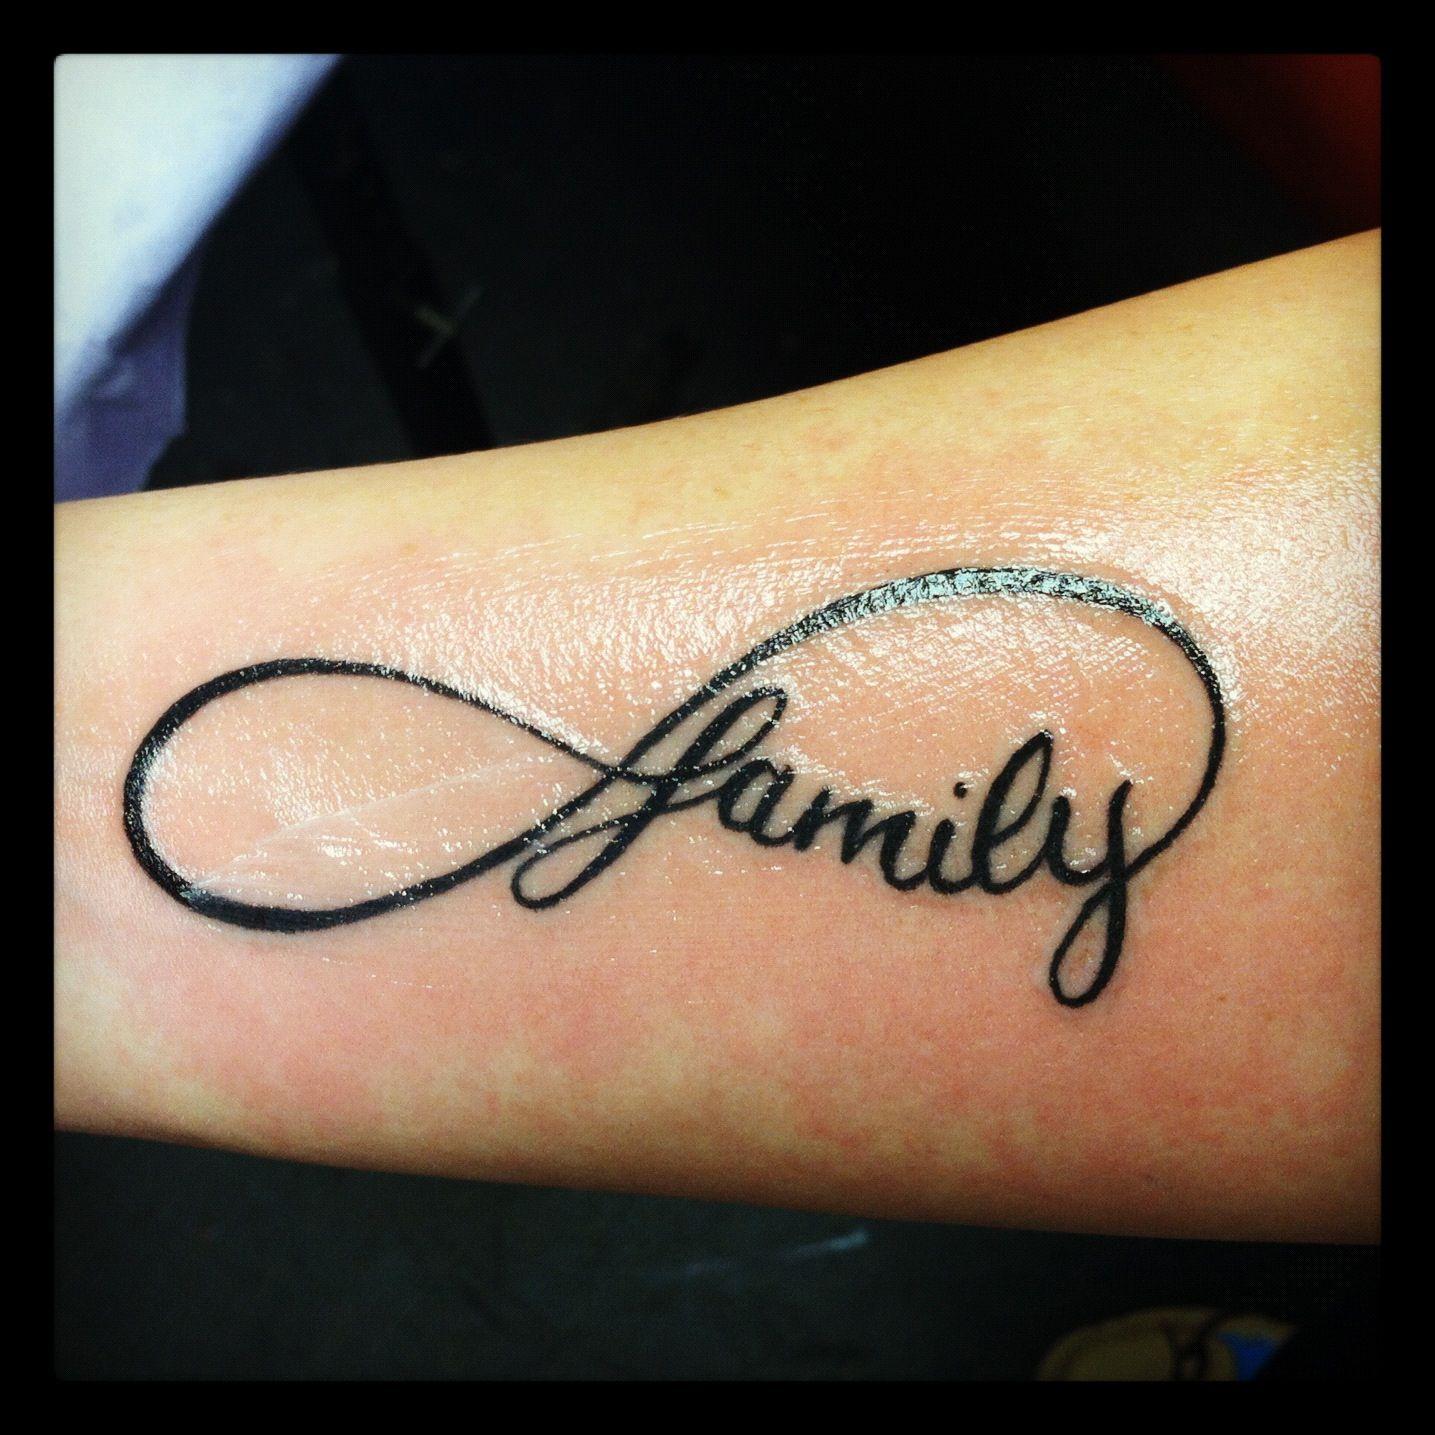 I Love My Family Tattoo